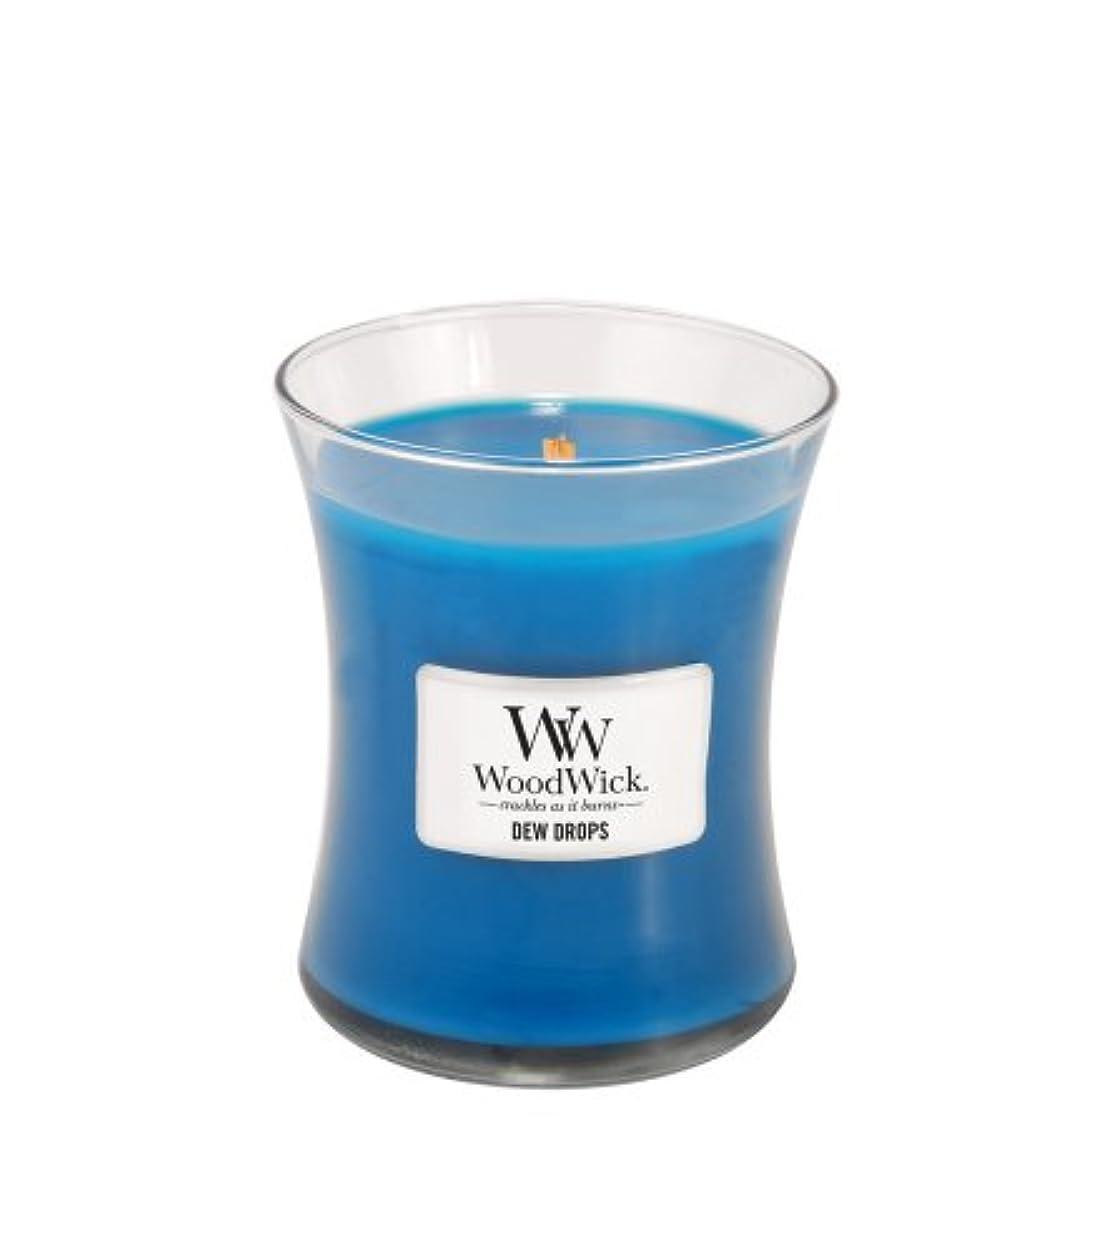 式効率的にカテナ(Medium) - WoodWick Dew Drops Fragrance Jar Candle, Medium